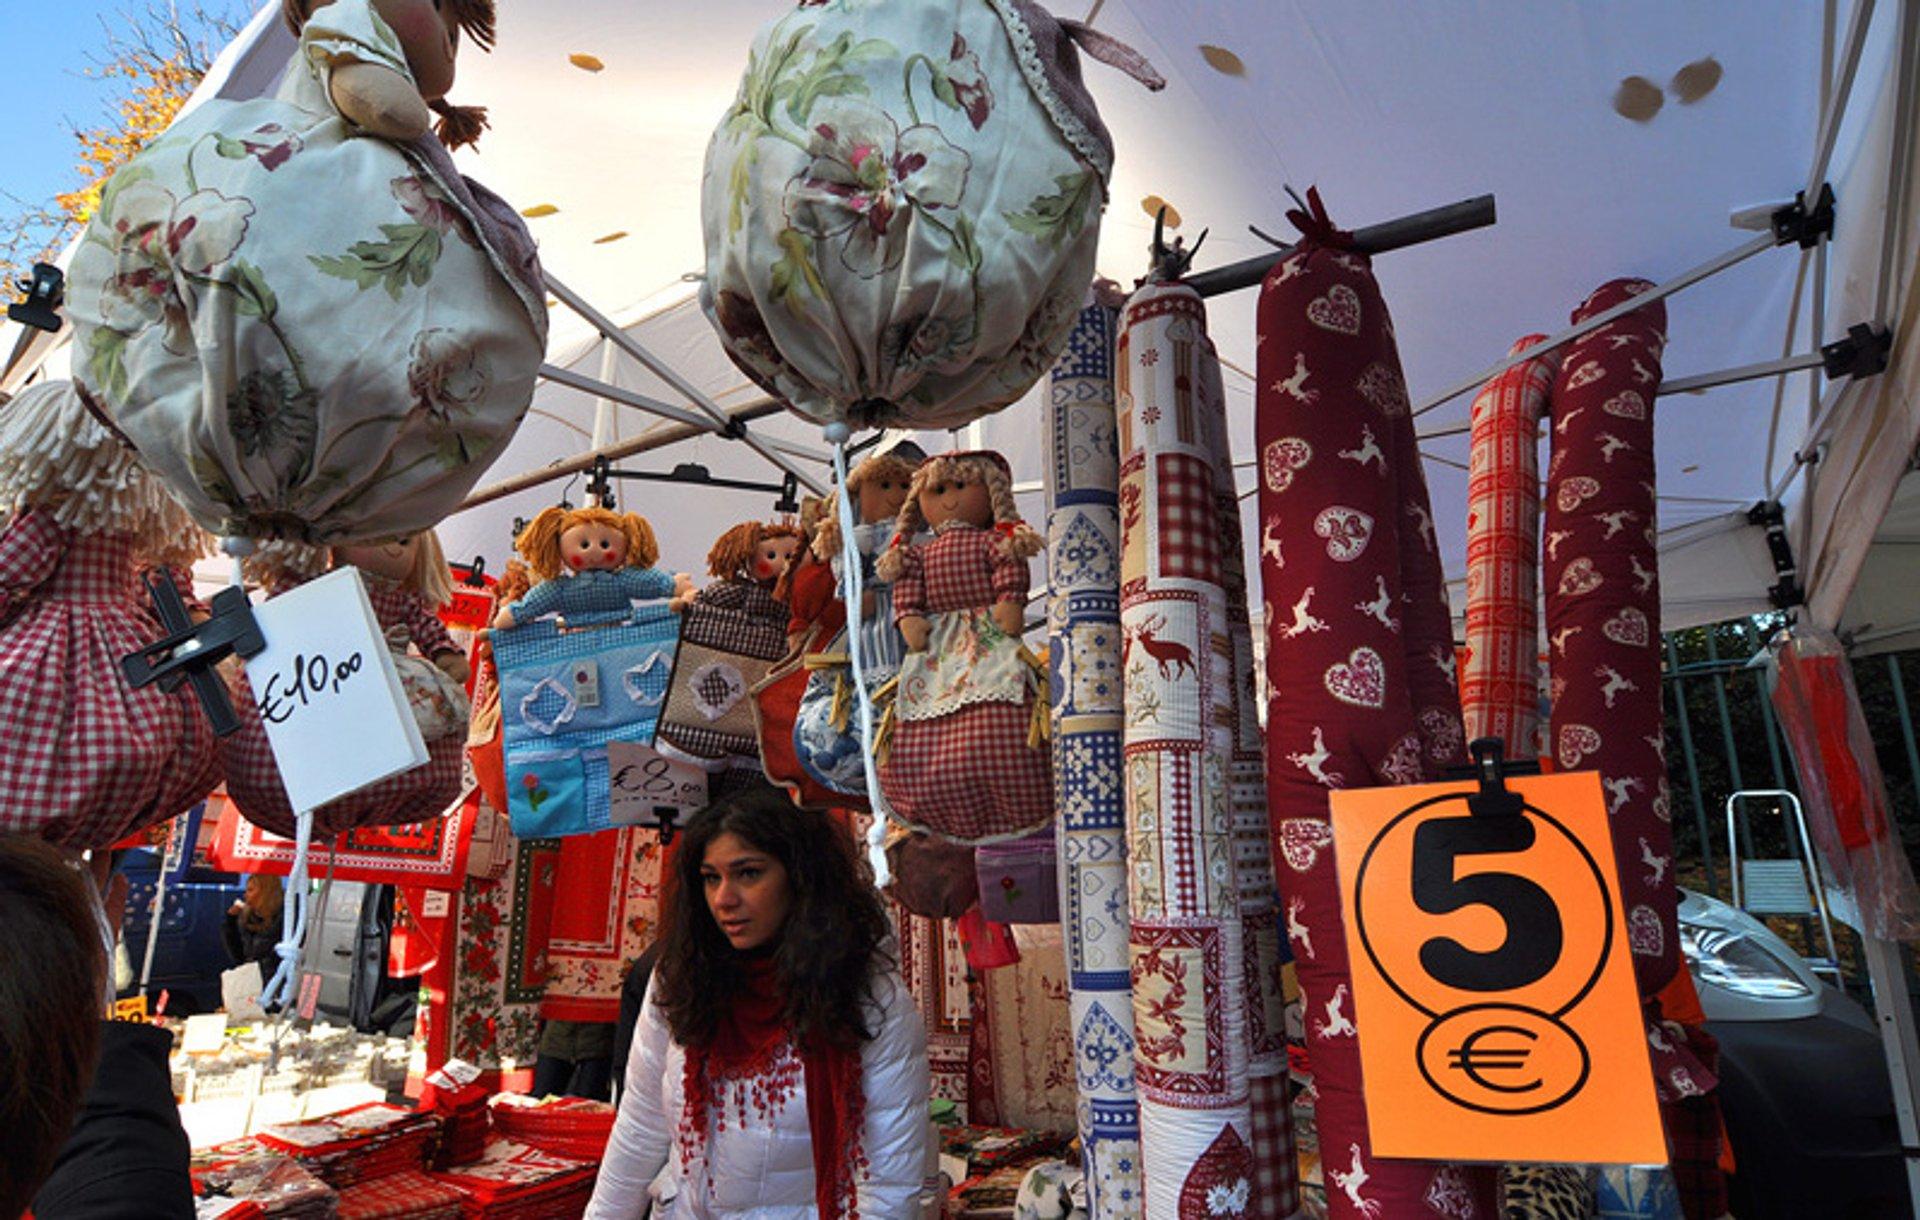 Oh Bej! Oh Bej! Christmas Fair in Milan 2020 - Best Time